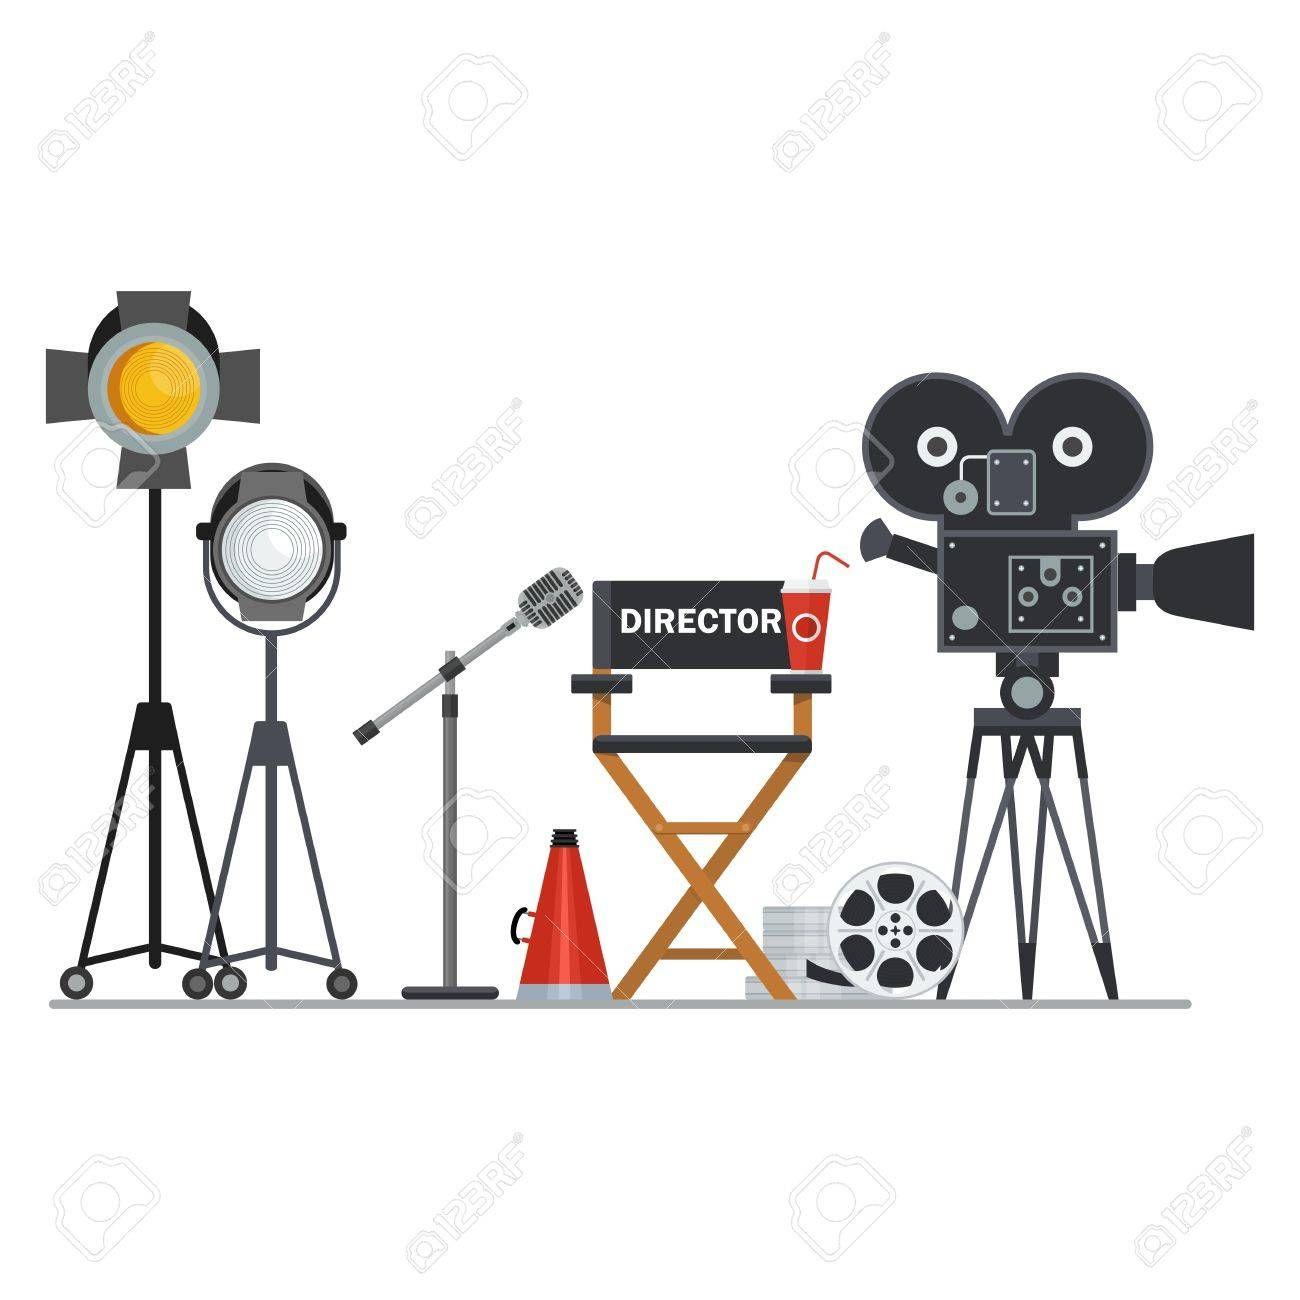 Stock Photo En 2020 Projecteur Dessin Et Film